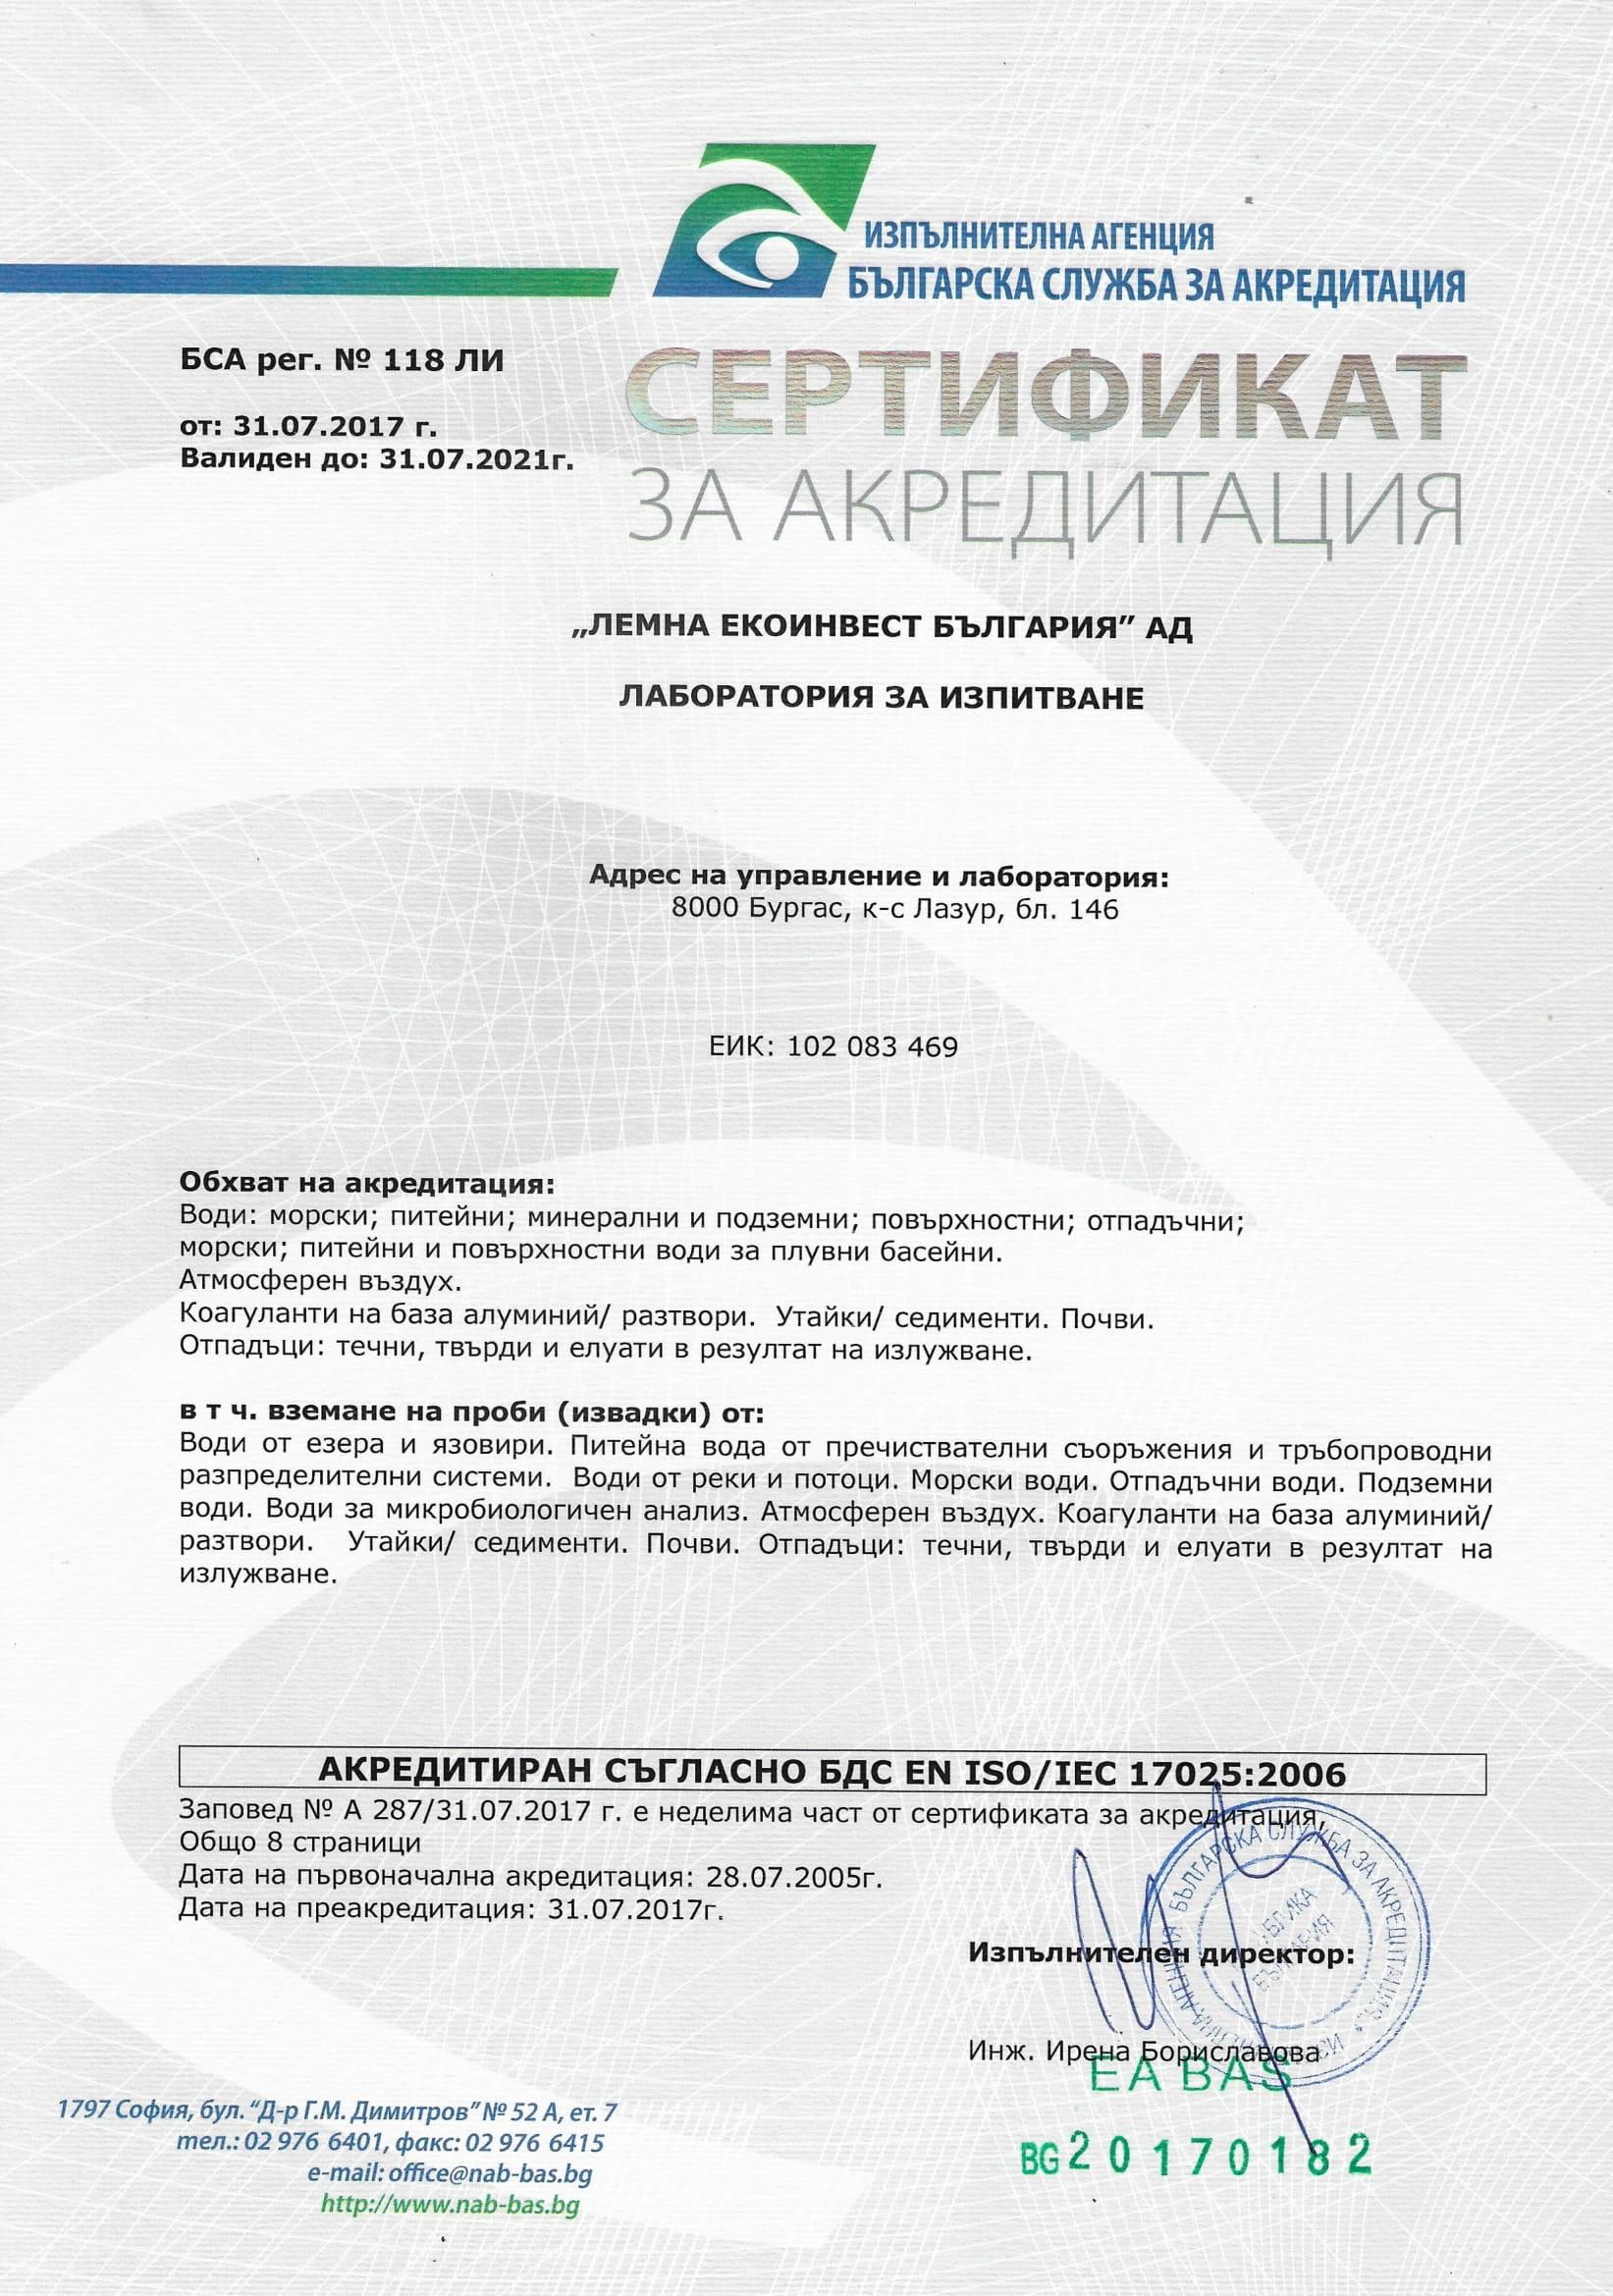 serificat za akreditaciq